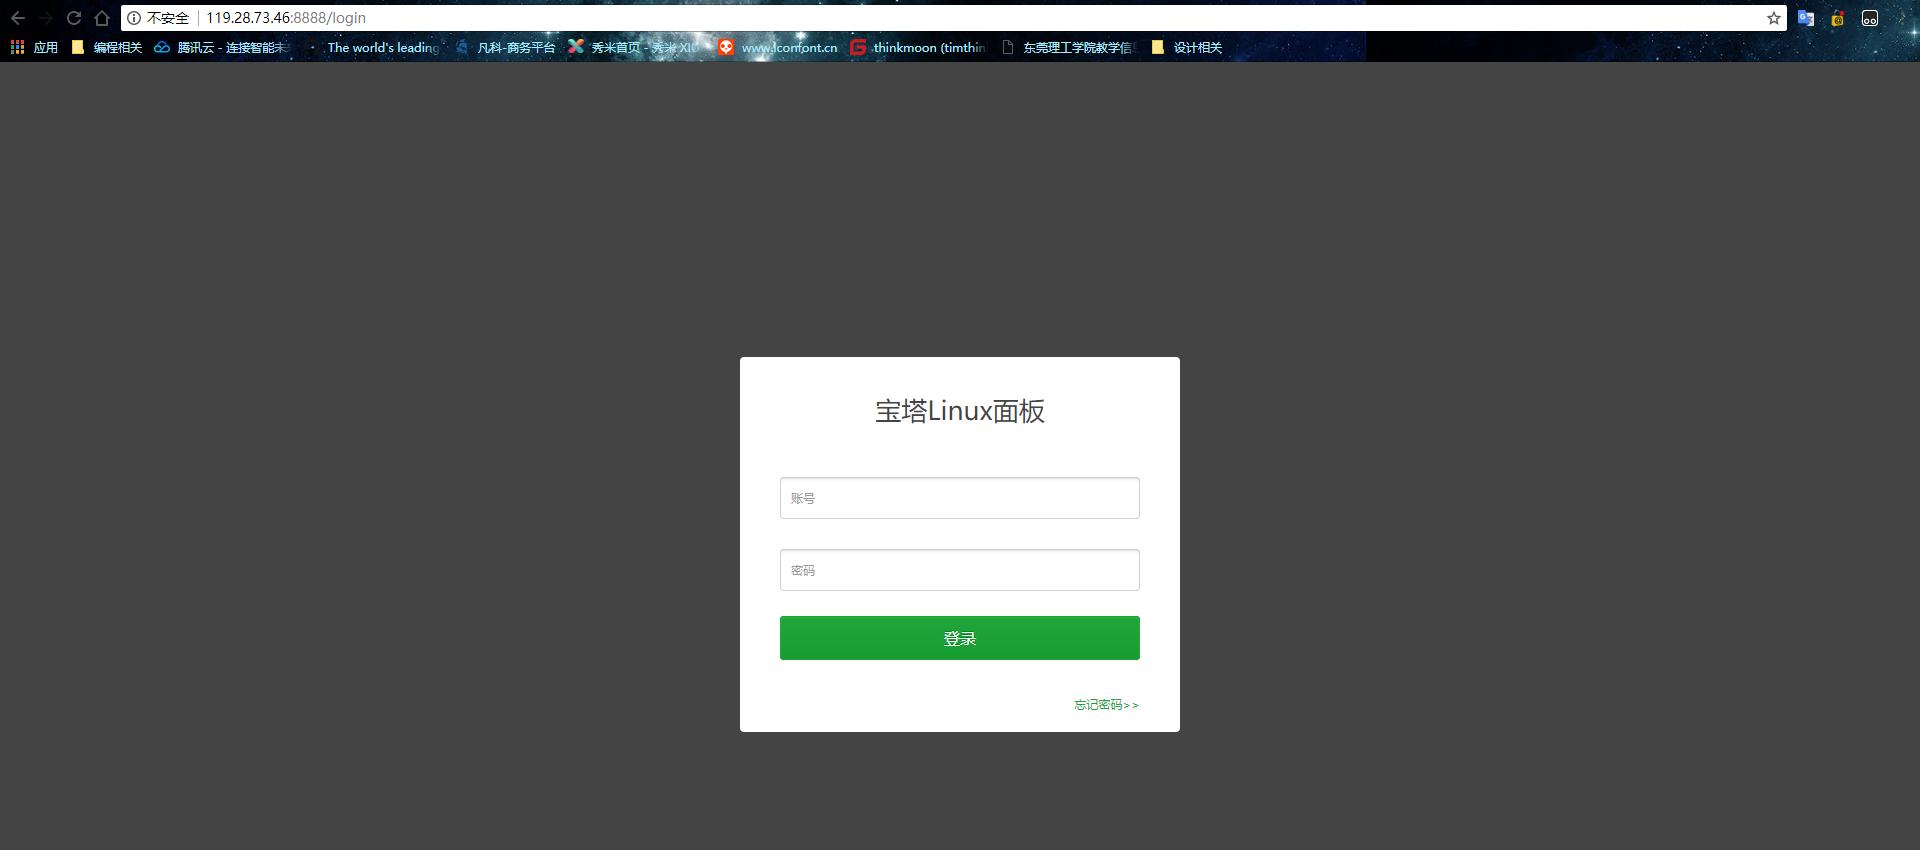 宝塔linux面板登录页面